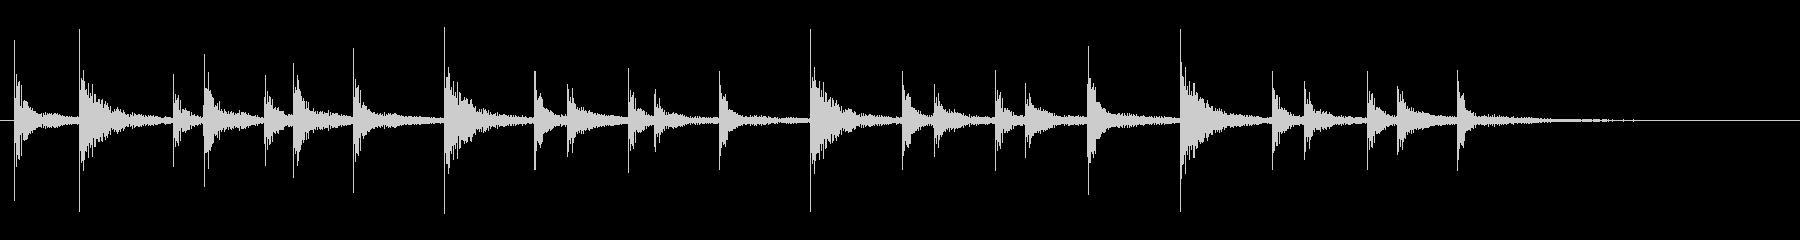 和太鼓の締太鼓のお祭りフレーズ音+FXの未再生の波形